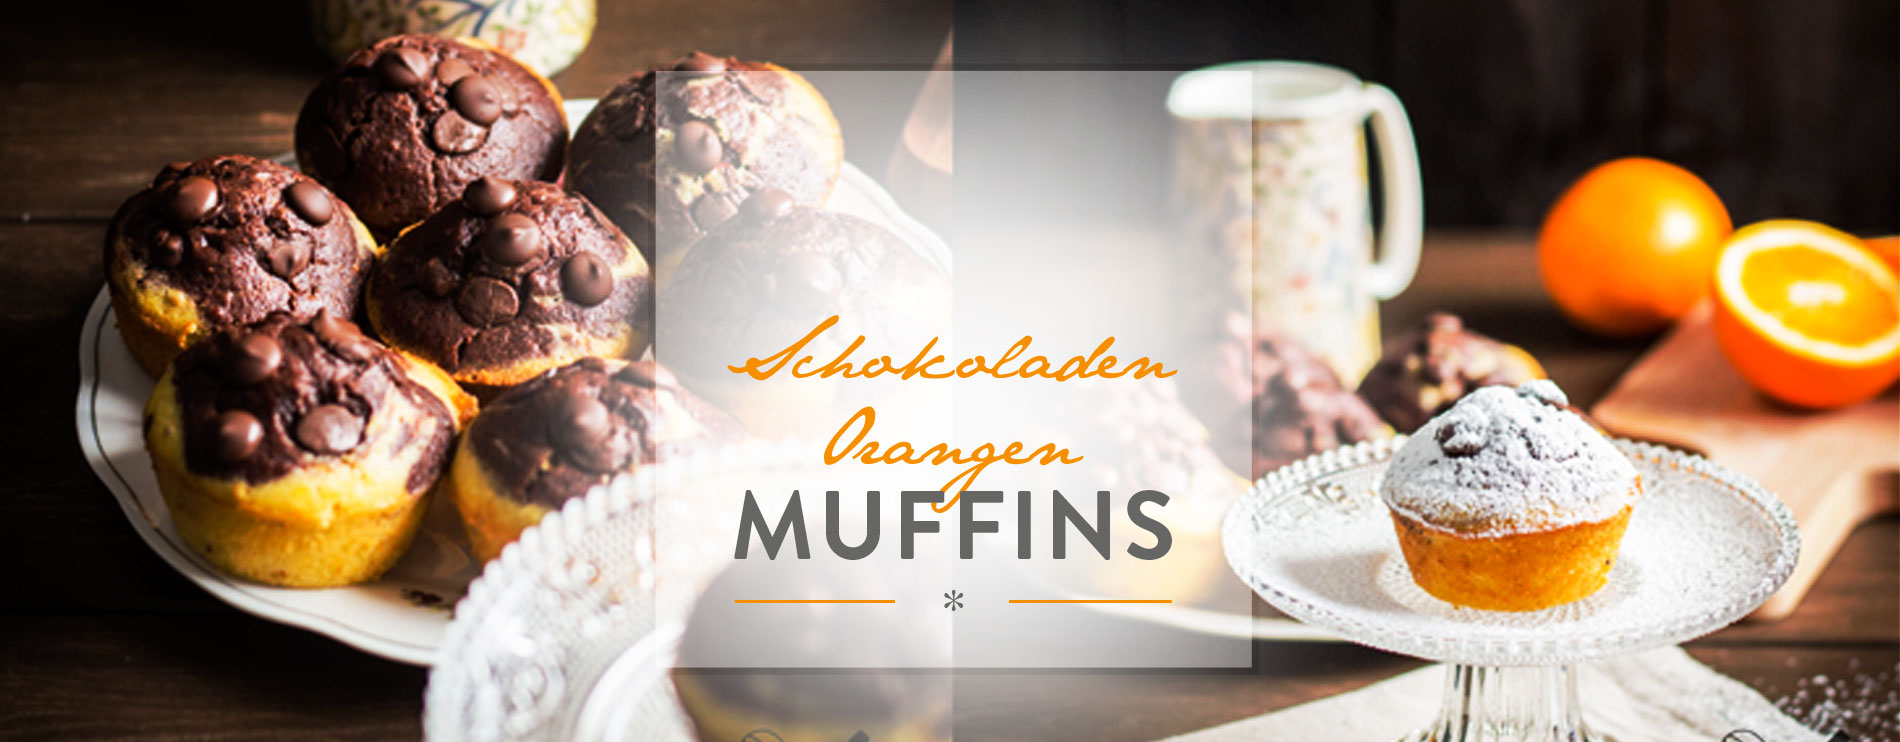 Header Schokoladen Orangen Muffins